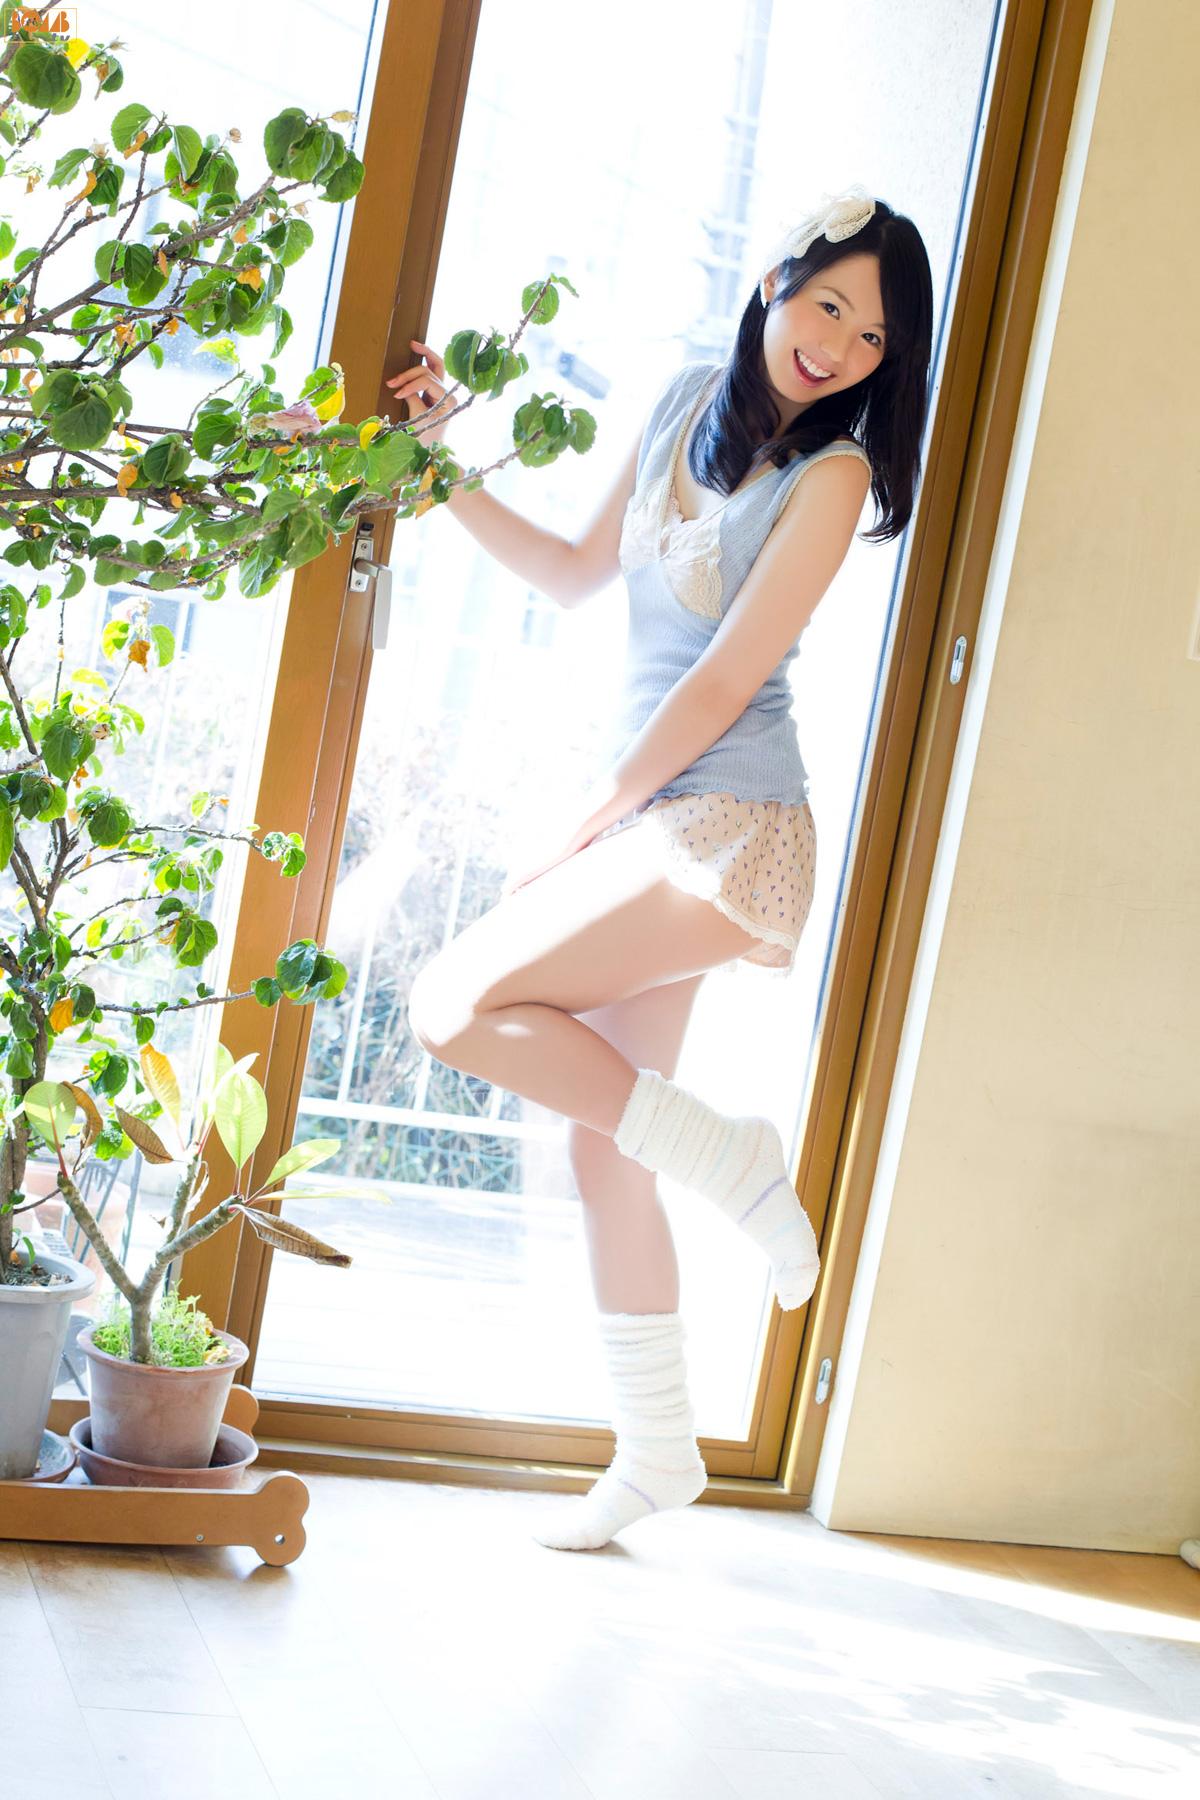 VOL.671 [Bomb.TV]可爱清纯甜美美少女居家美女正妹日本萌妹子:小池里奈超高清写真套图(66P)